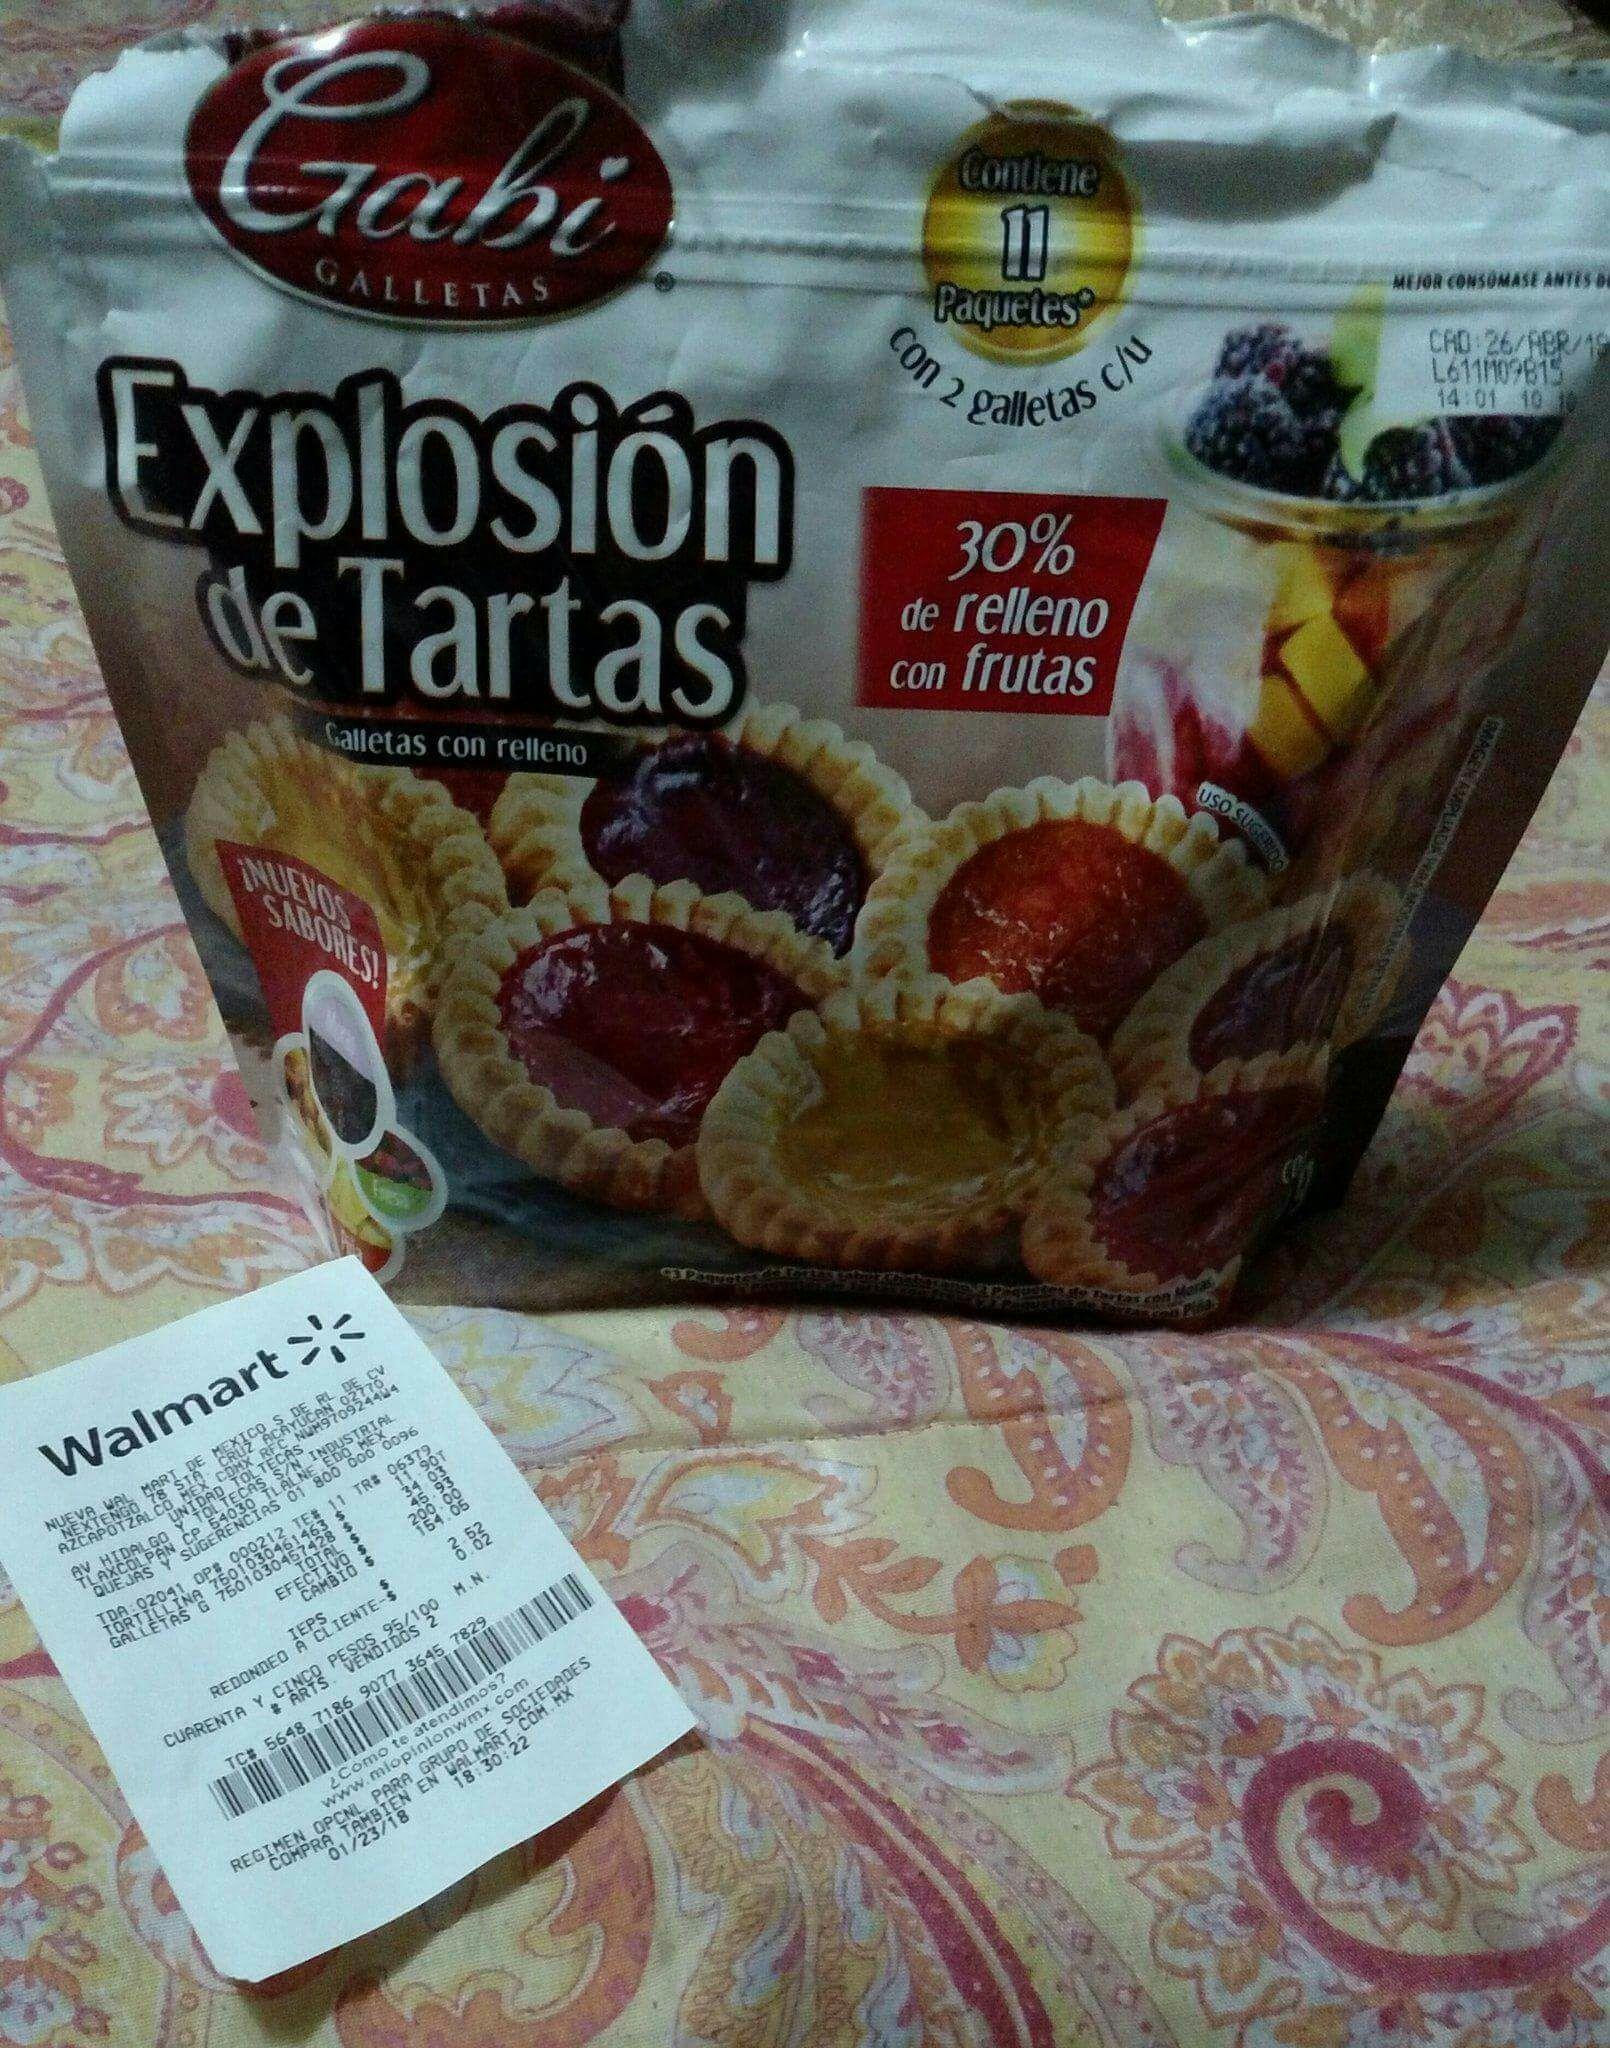 Walmart: Explosion de Tartas Gaby